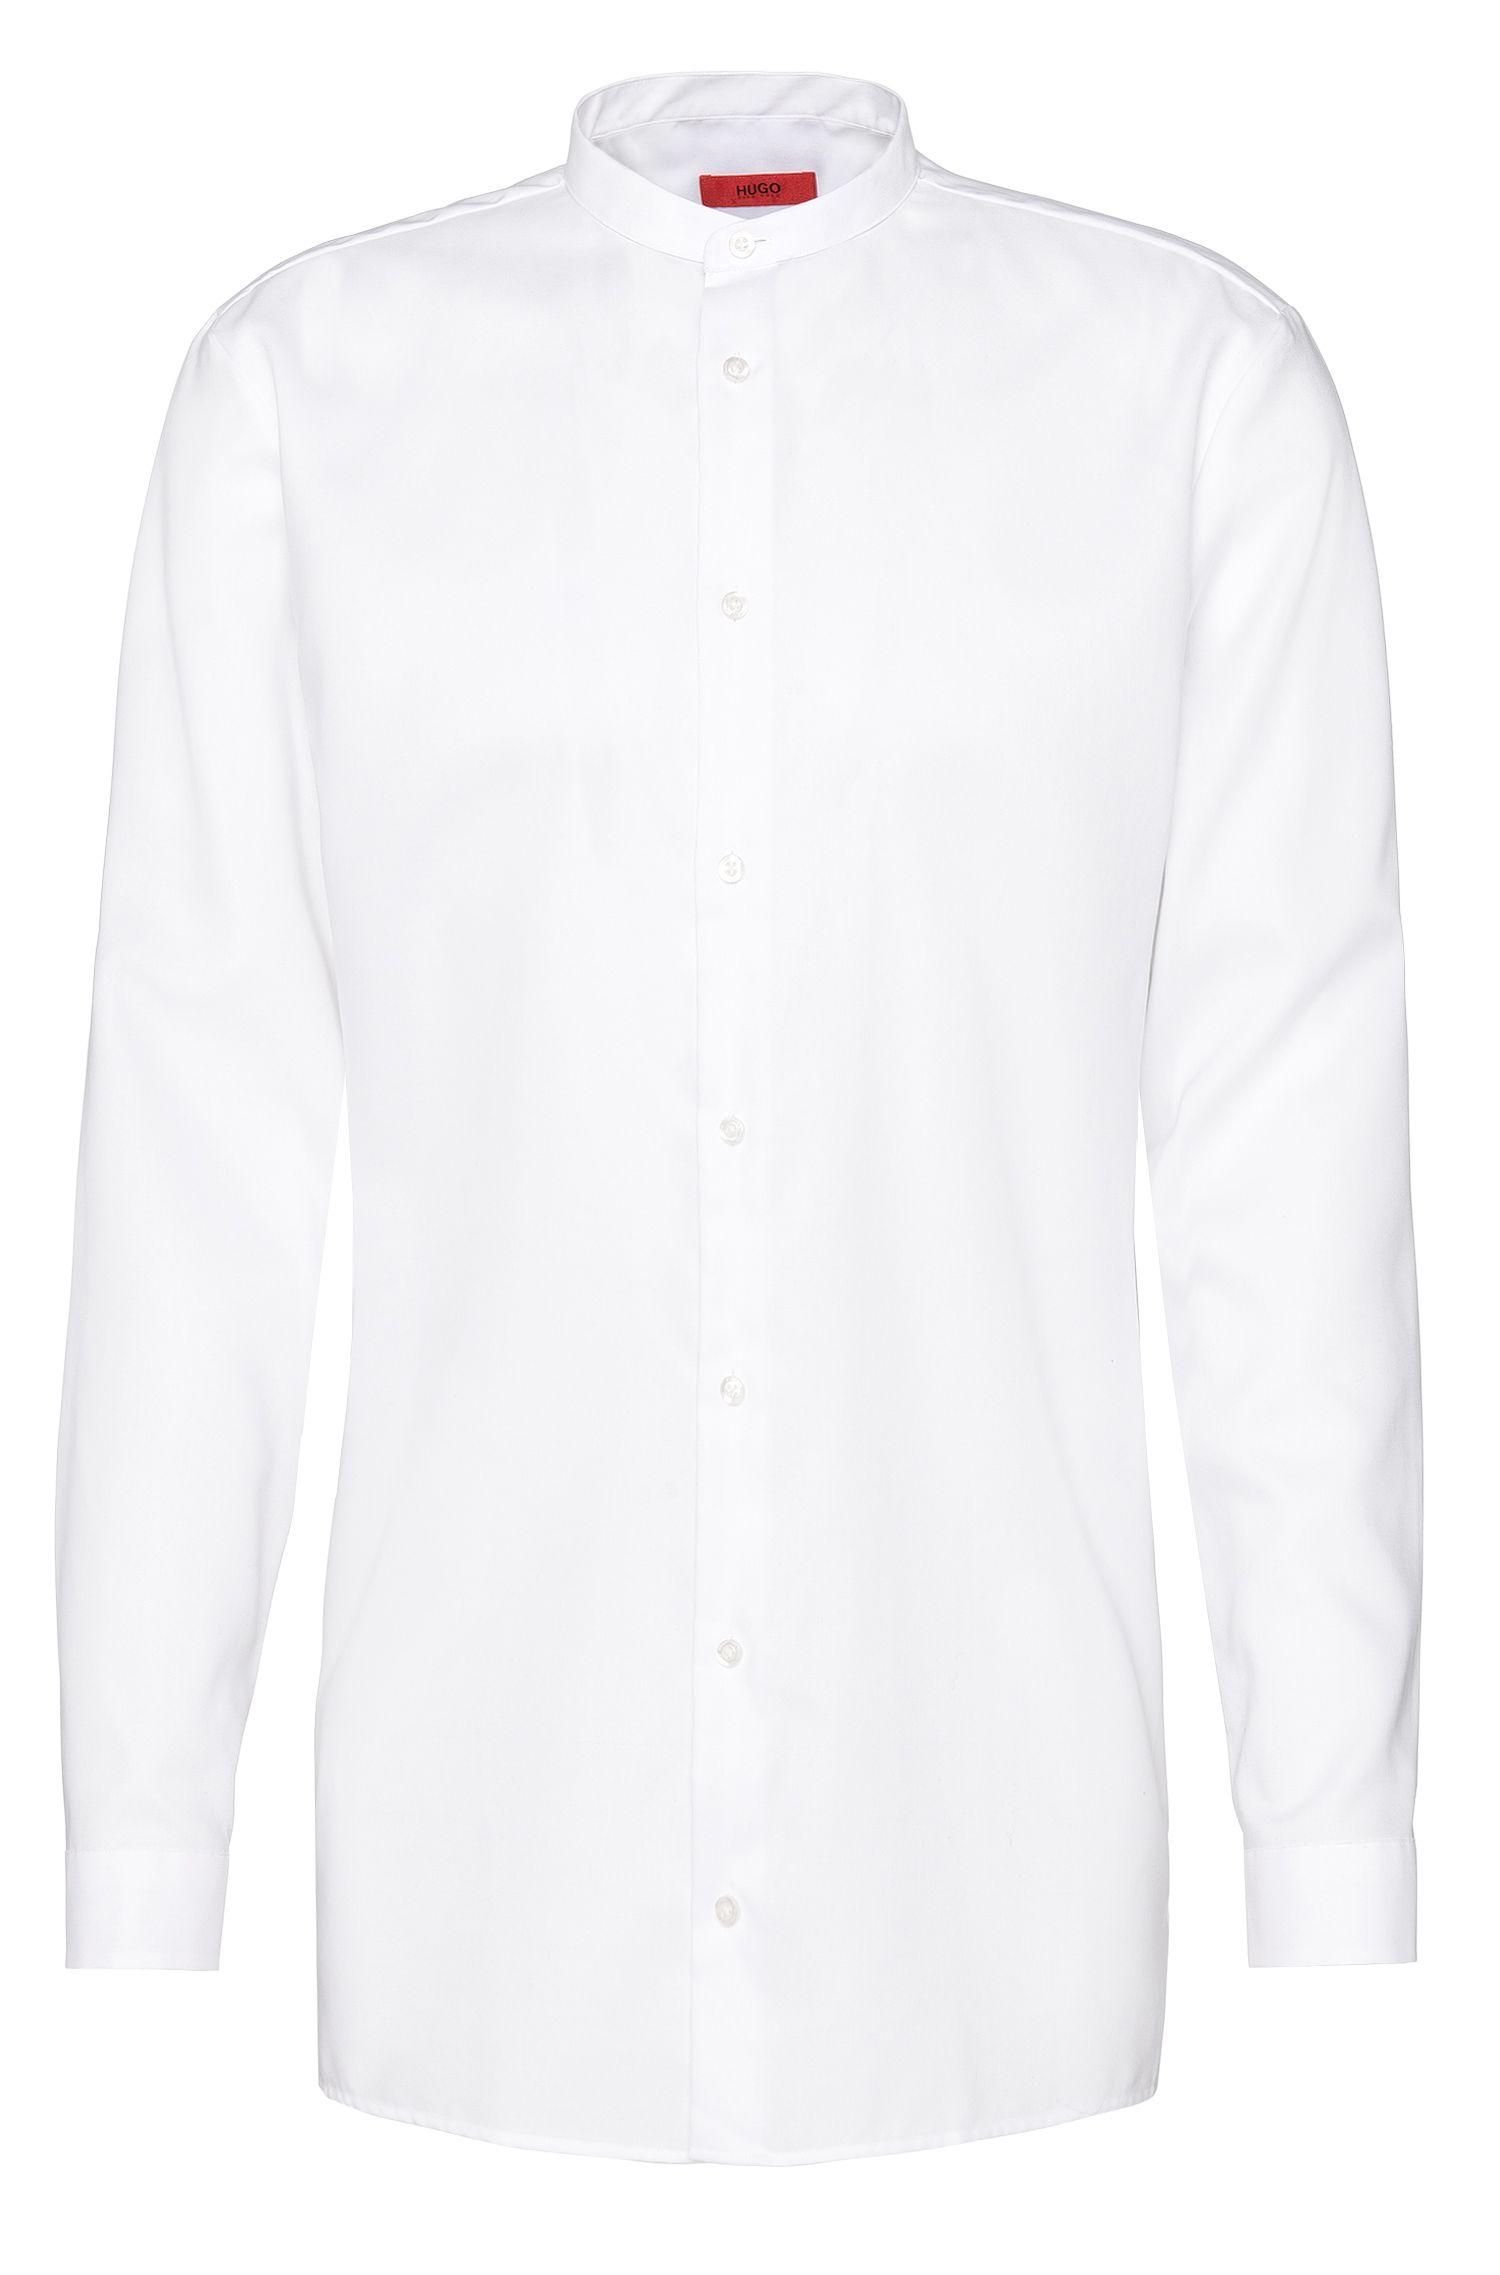 Unifarbenes Comfort-Fit Hemd aus Baumwolle: 'Eddison'